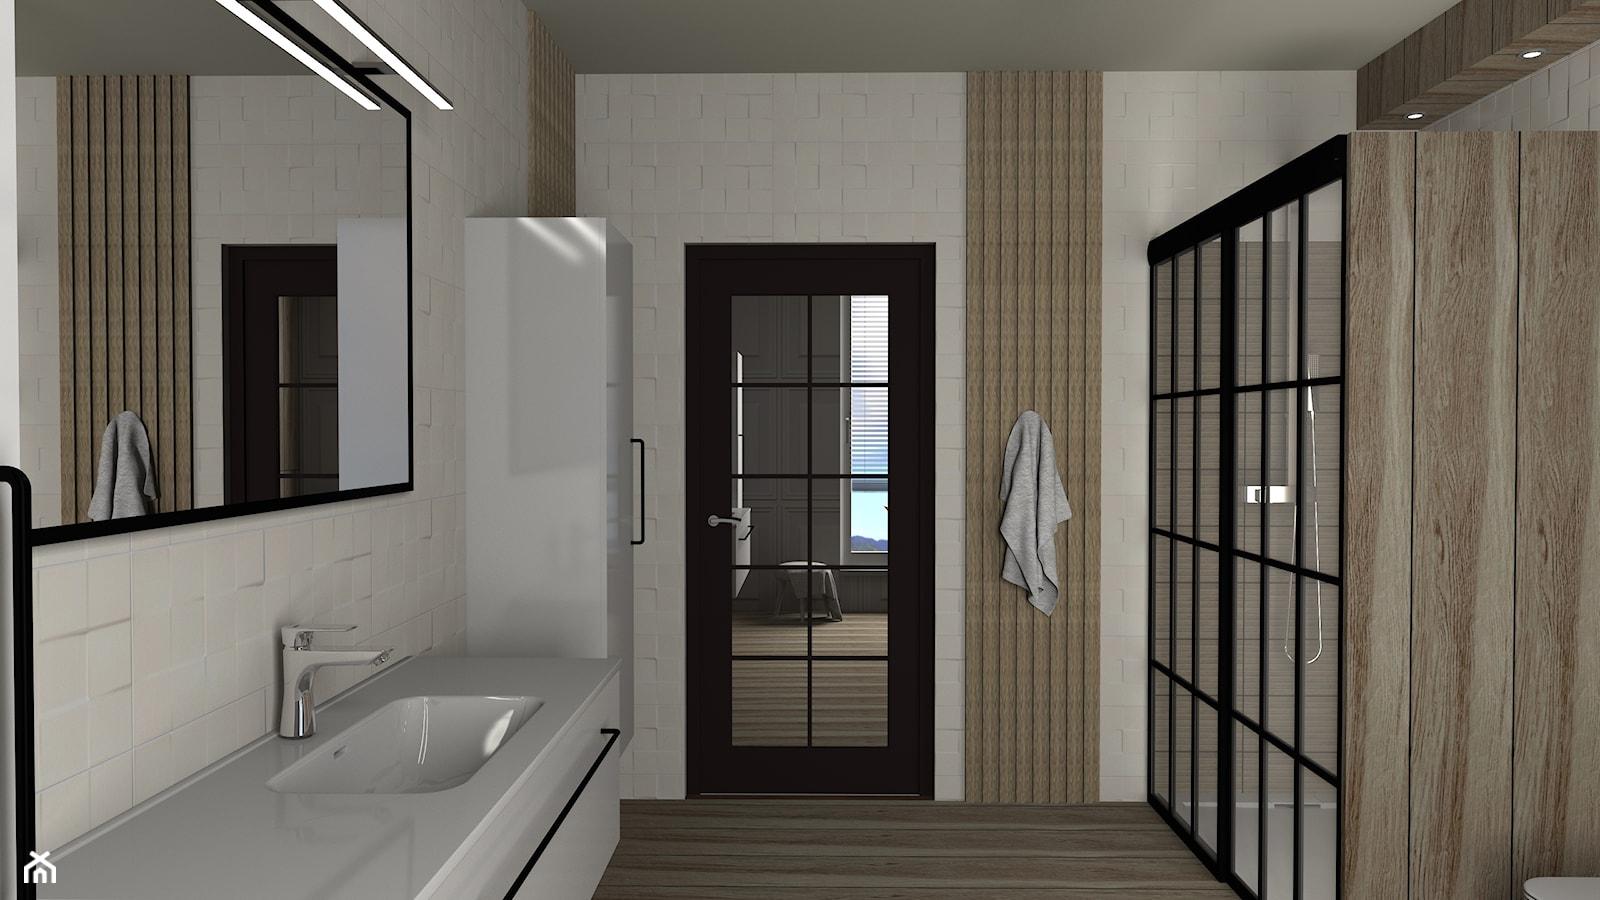 Łazienka 8m2 - Łazienka, styl nowoczesny - zdjęcie od Wnętrza z pasją - Homebook